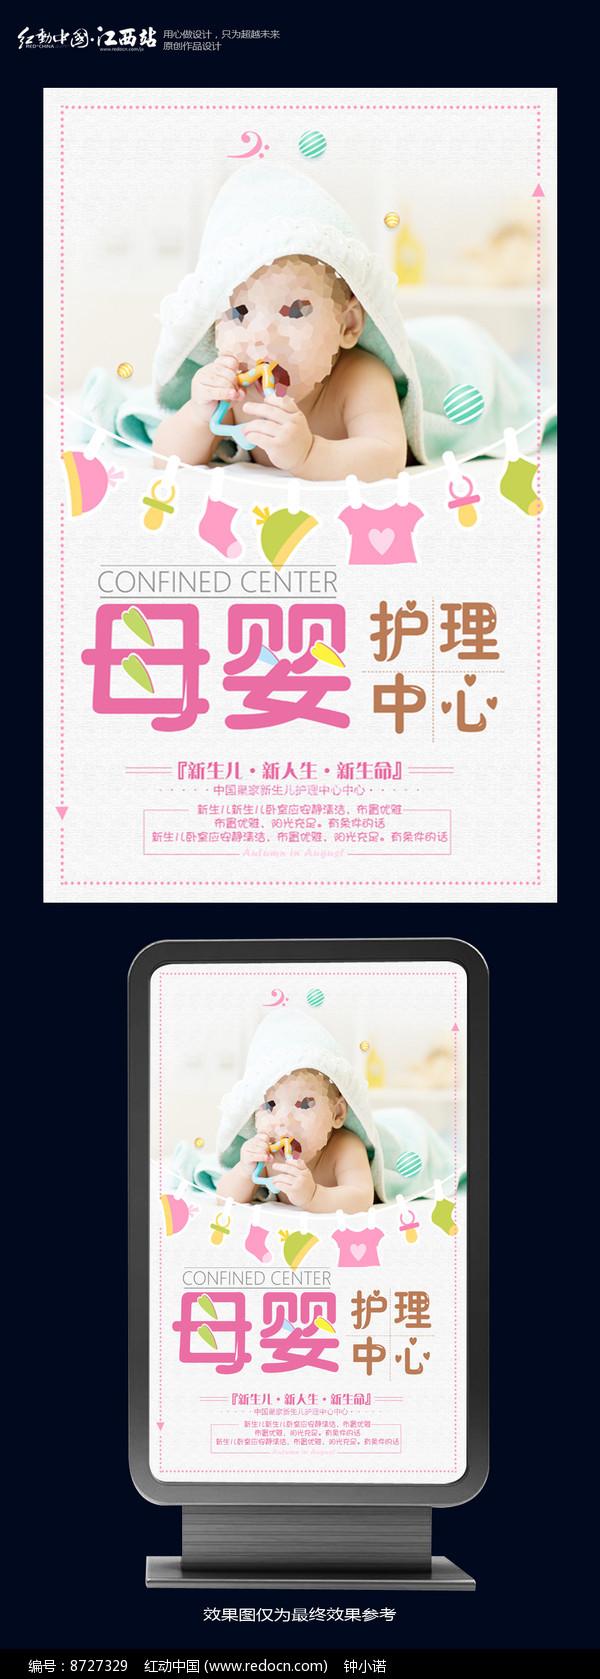 母婴护理中心海报设计图片